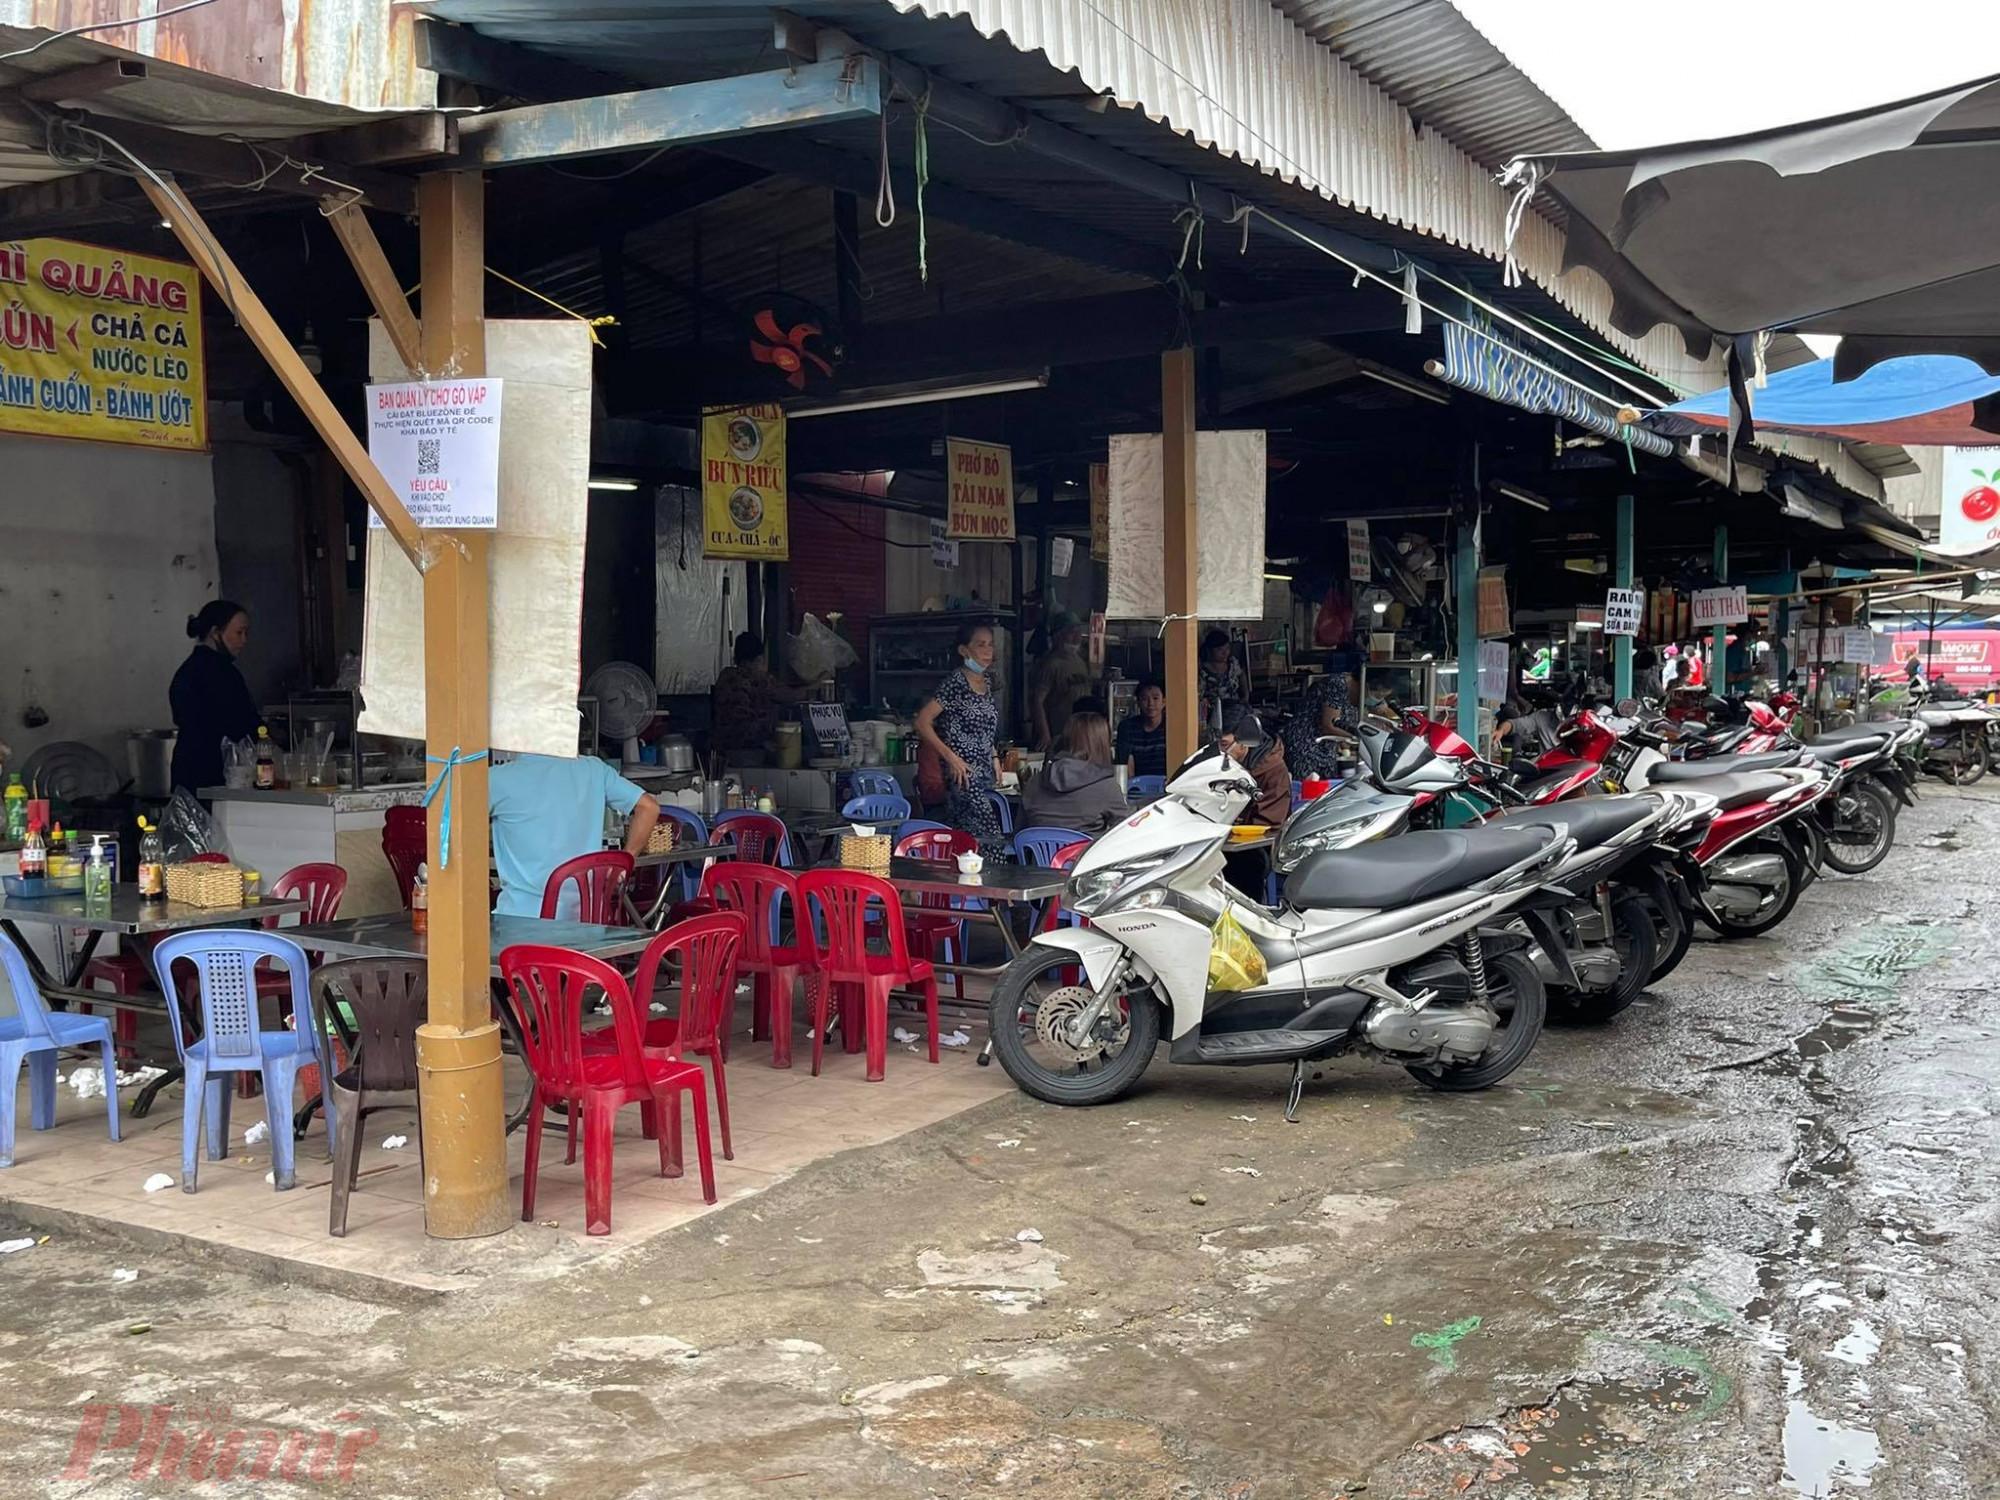 Khu vực ăn uống ở chợ Gò Vấp vẫn đông khách.